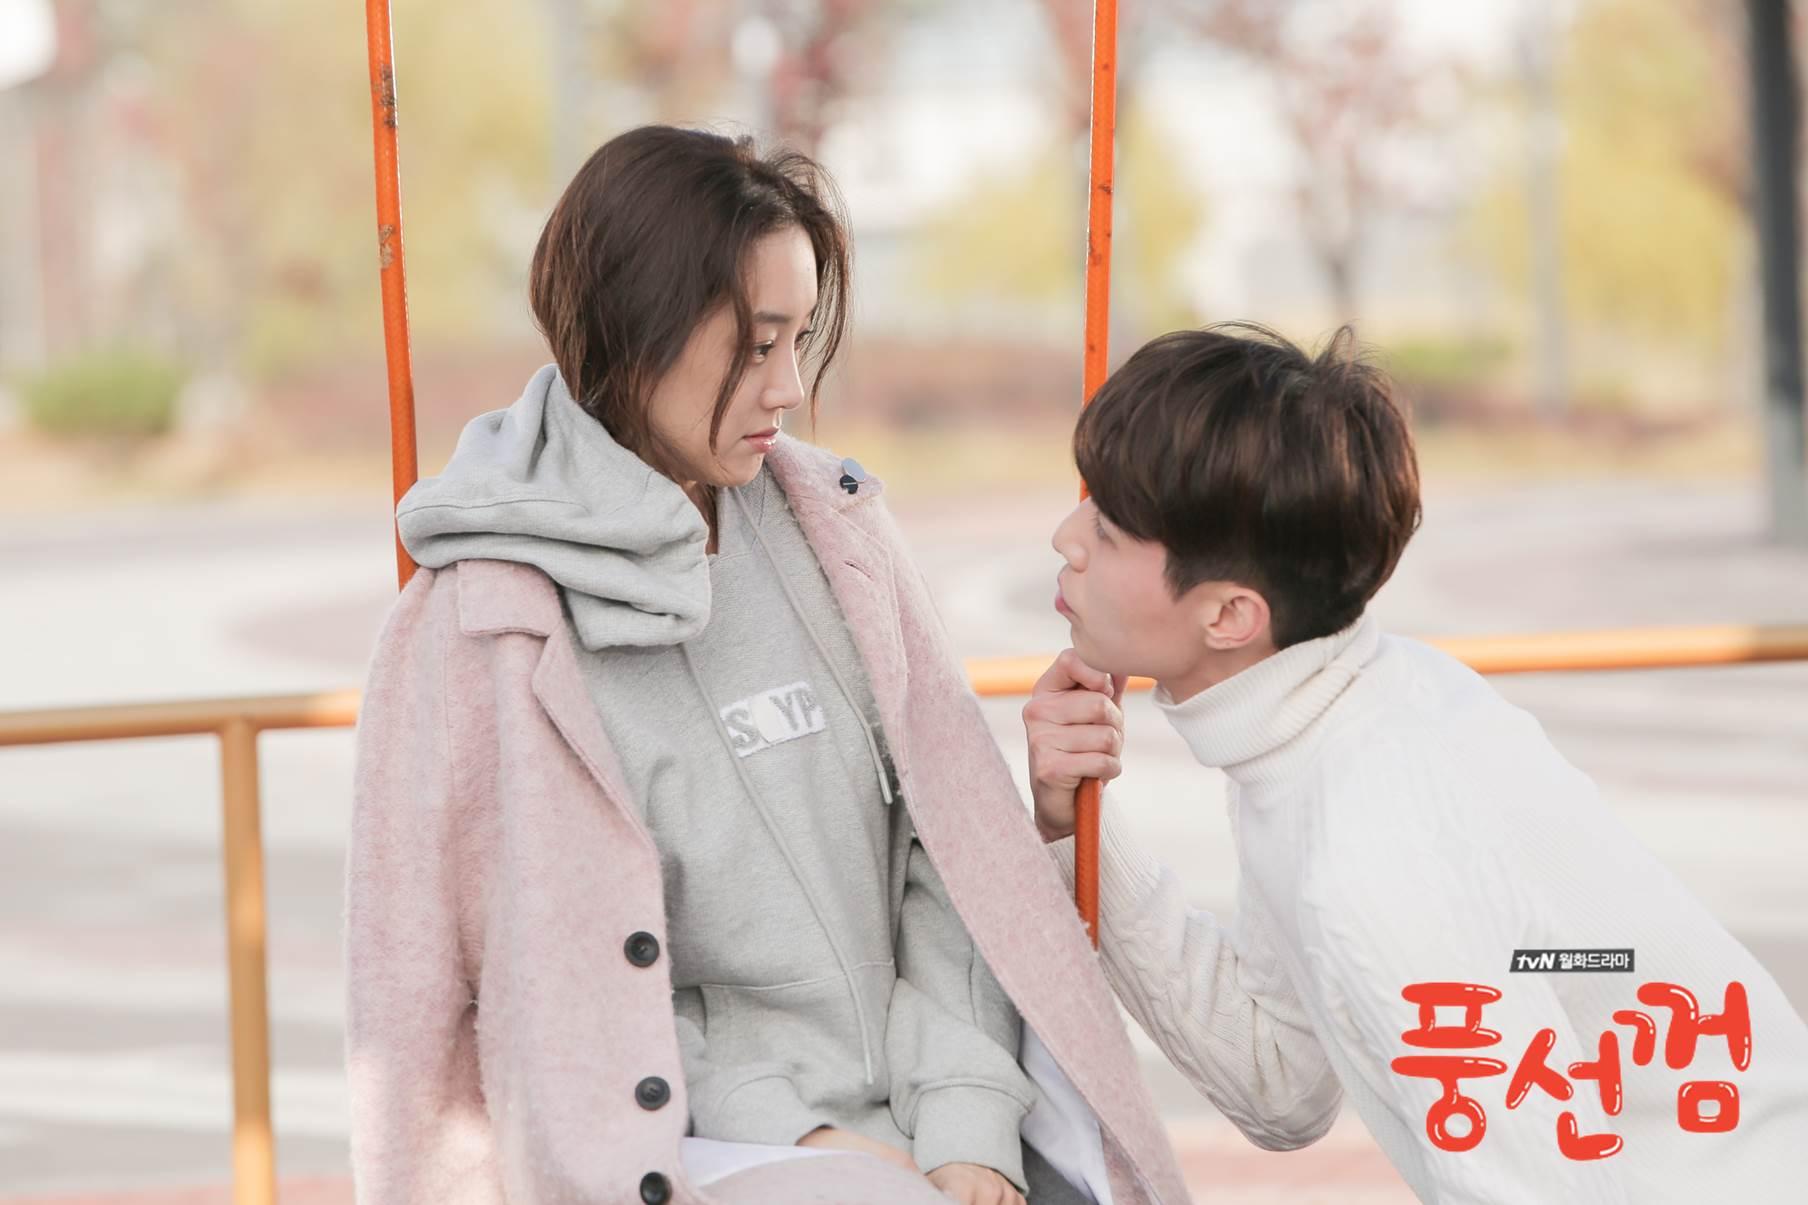 10.《泡泡糖》 以漢方醫院和電台為背景,主要在講述了4位各自存在缺陷的人,與別人相遇互相彌補並成長的成人童話。話說鄭麗媛在劇中的穿搭,成為最近韓國女性們討論的話題之一呦~